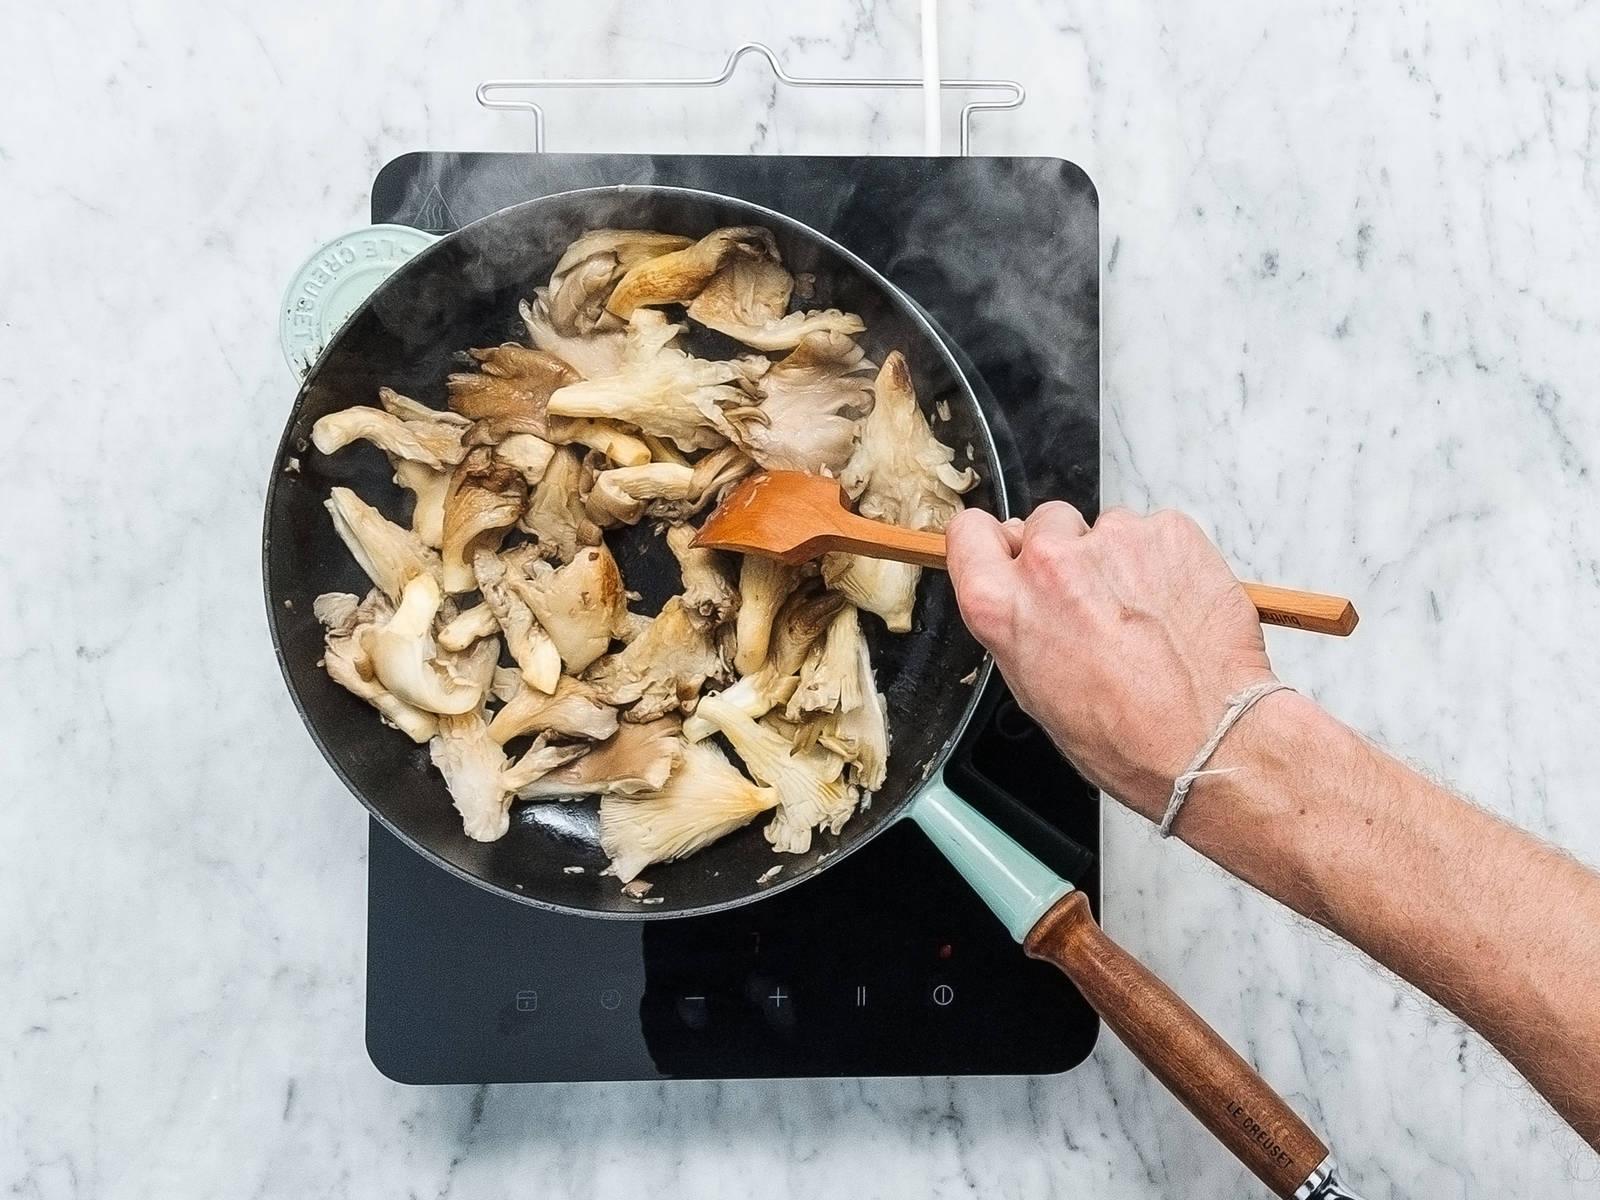 Öl in einer Pfanne erhitzen. Austernpilze zugeben und bei mittlerer Hitze ca. 8 Min. braten. Vom Herd nehmen und mit Salz abschmecken.